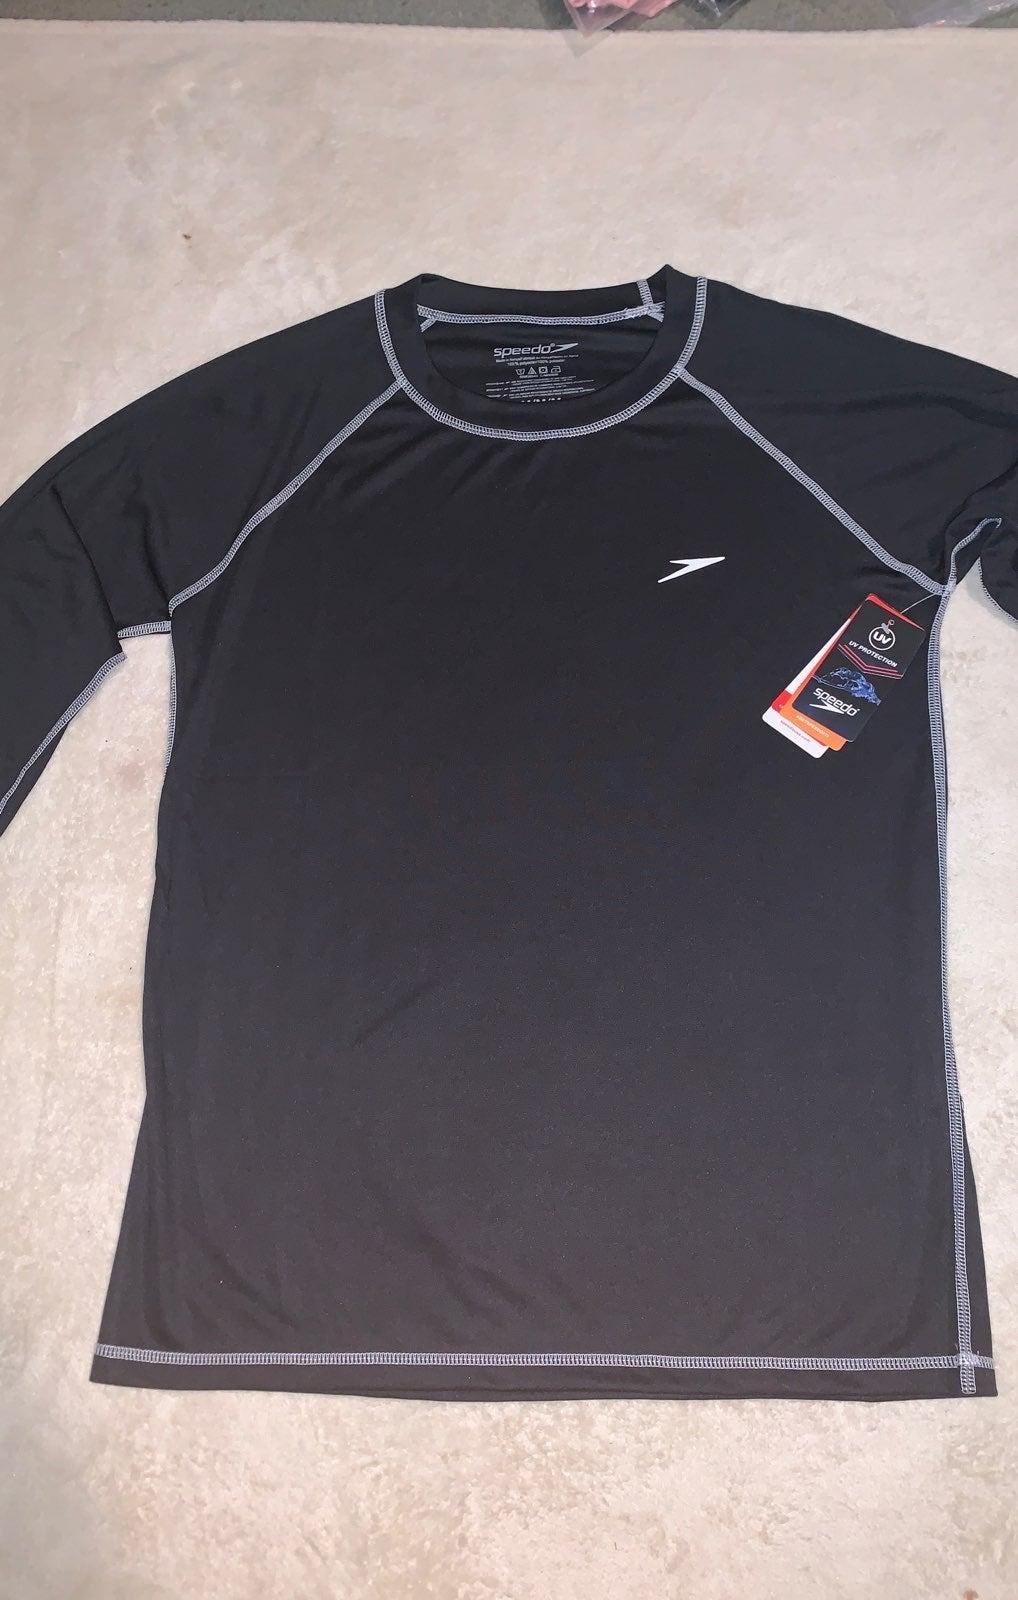 Black Speedo long sleeve Swimming shirt